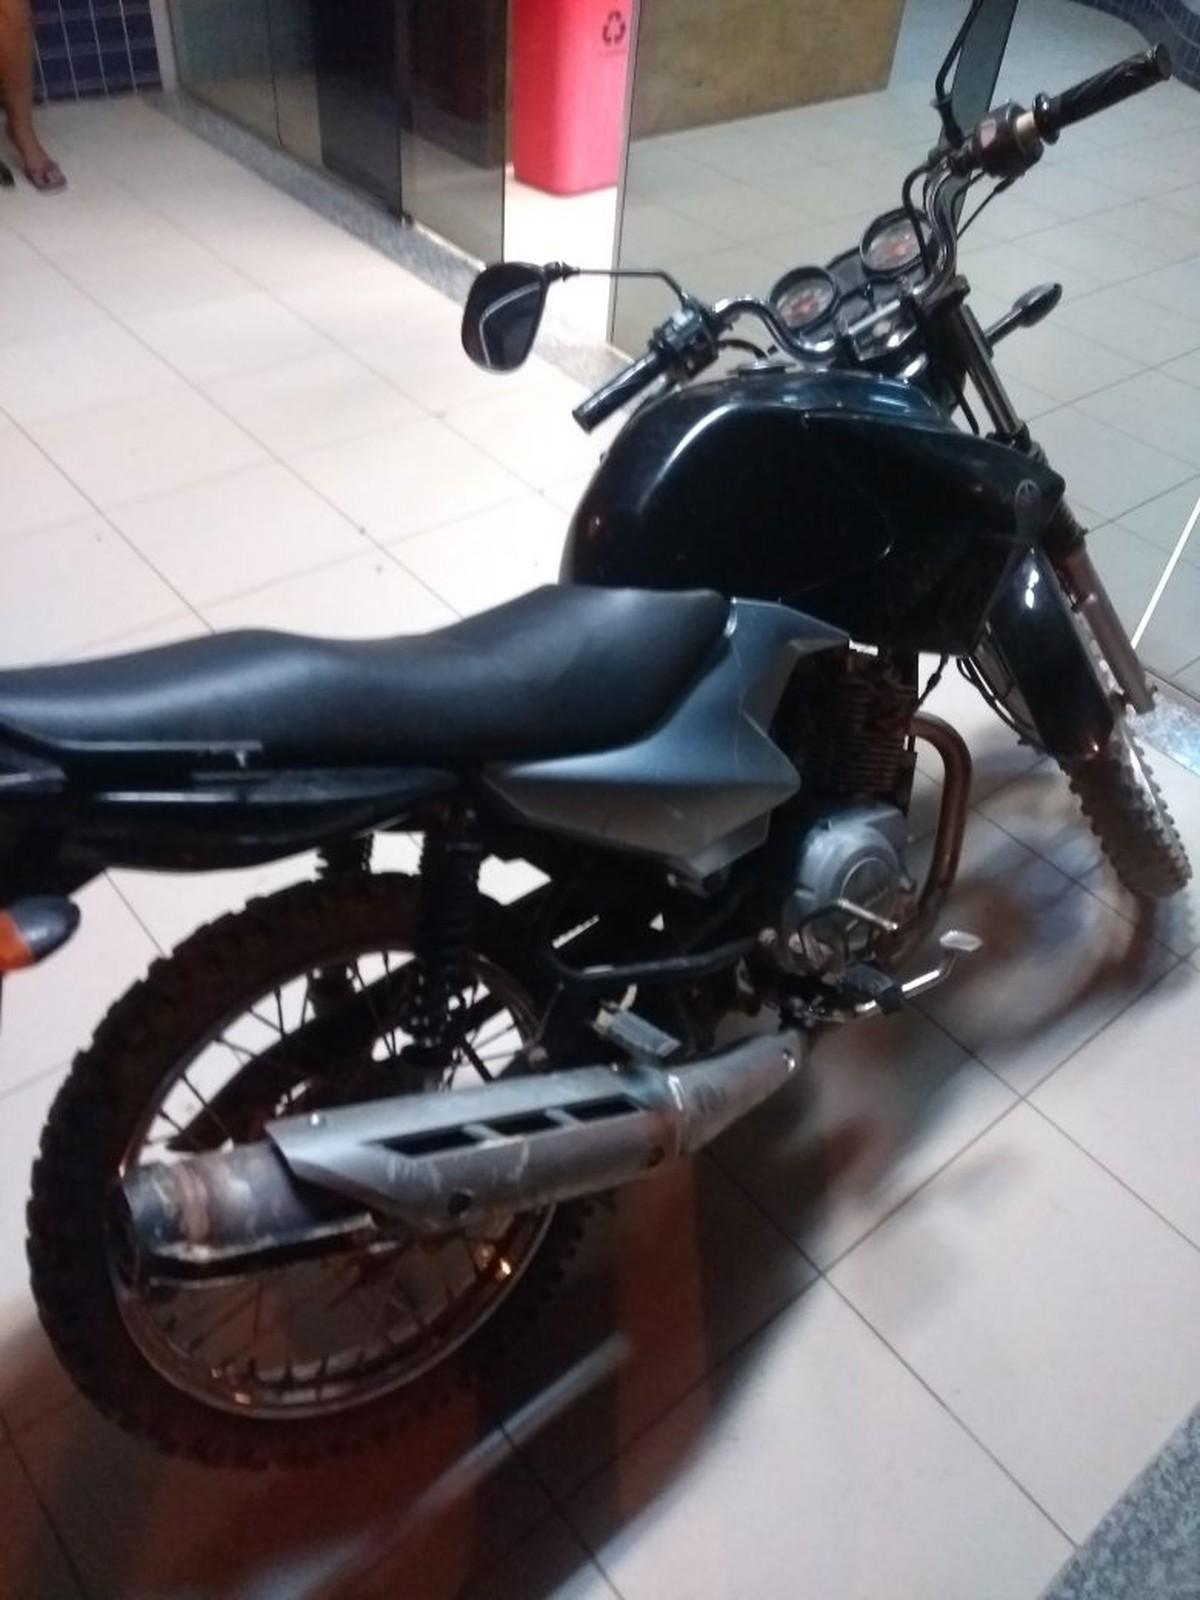 Adolescente suspeito de assaltos em Boa Vista é detido pilotando moto roubada